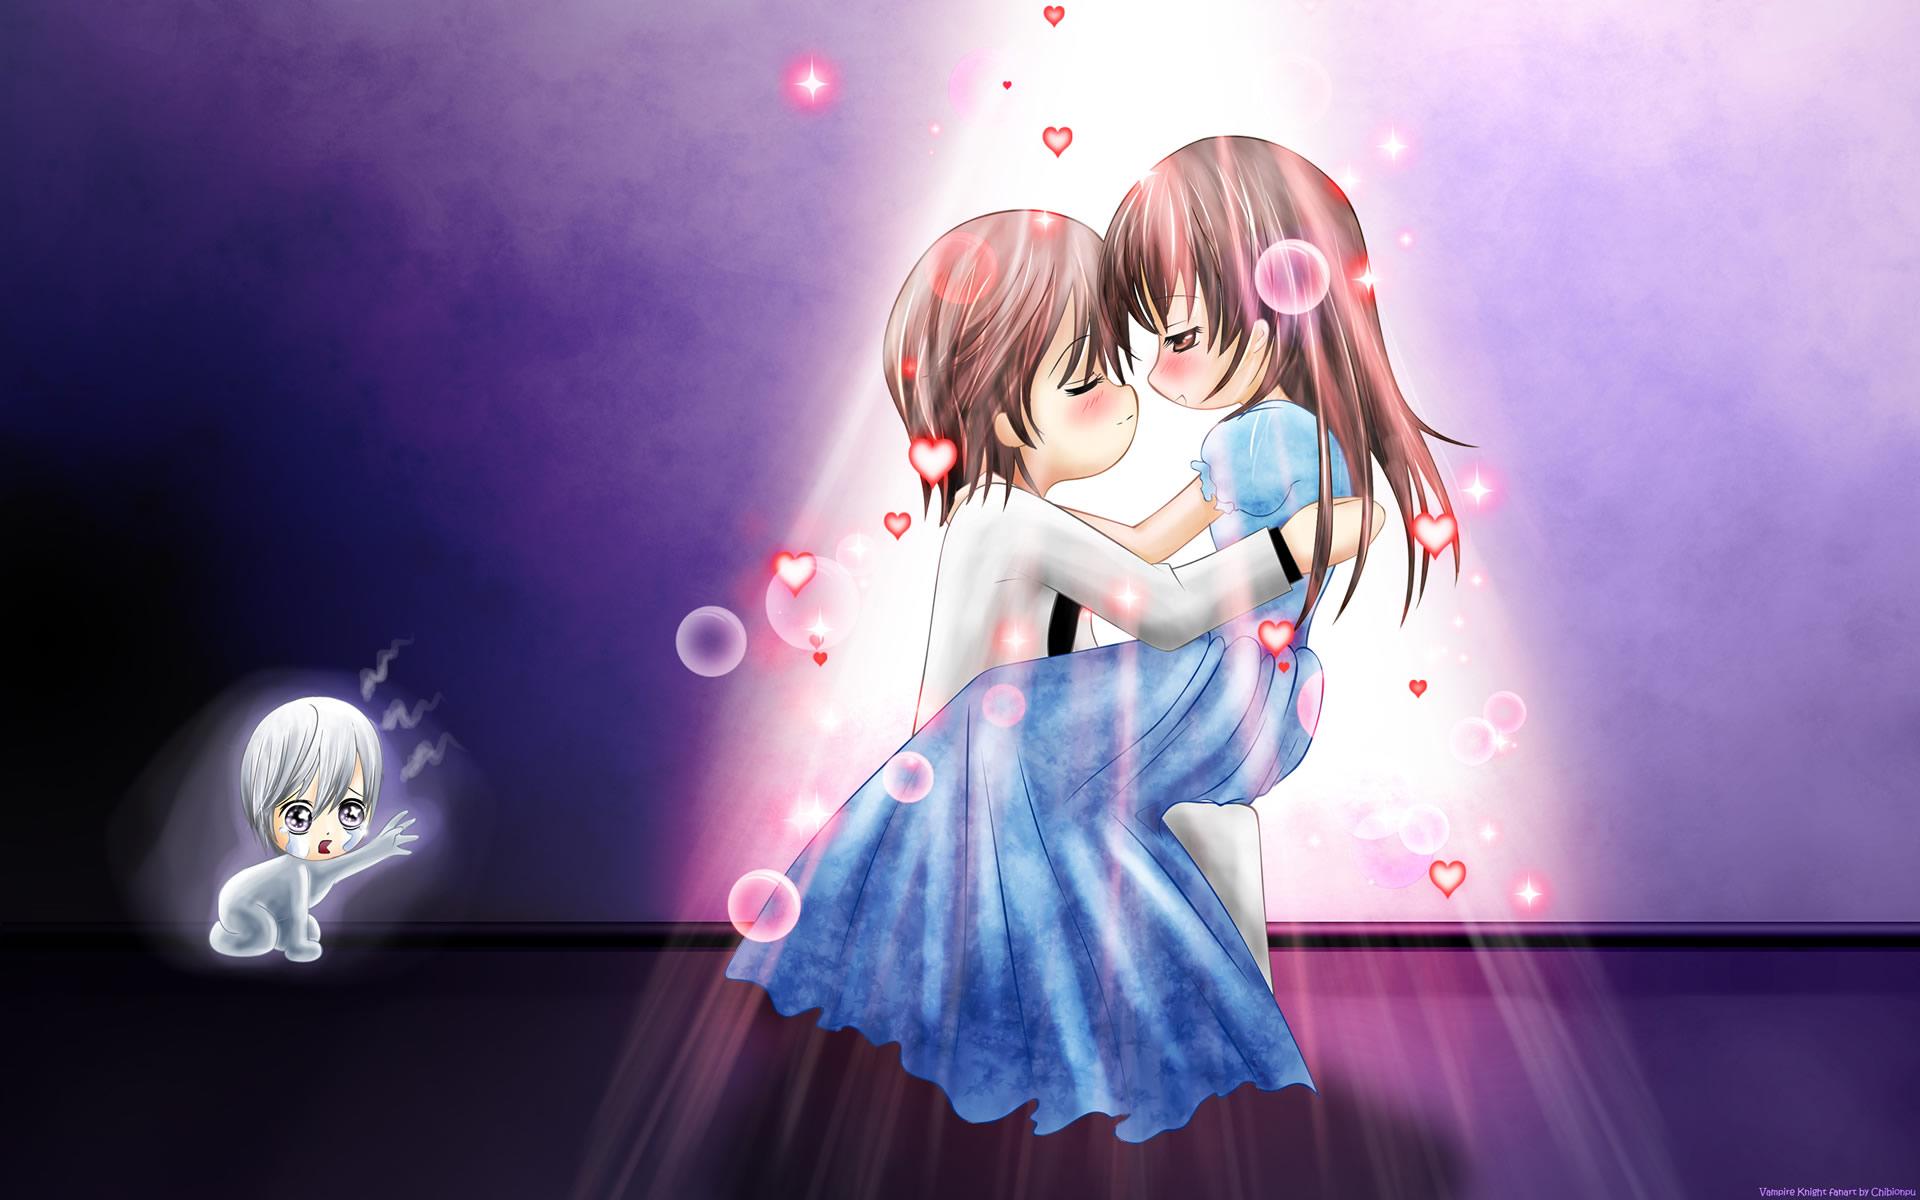 两个人是恋人开心的另一个在悲伤 ,最好是动漫的